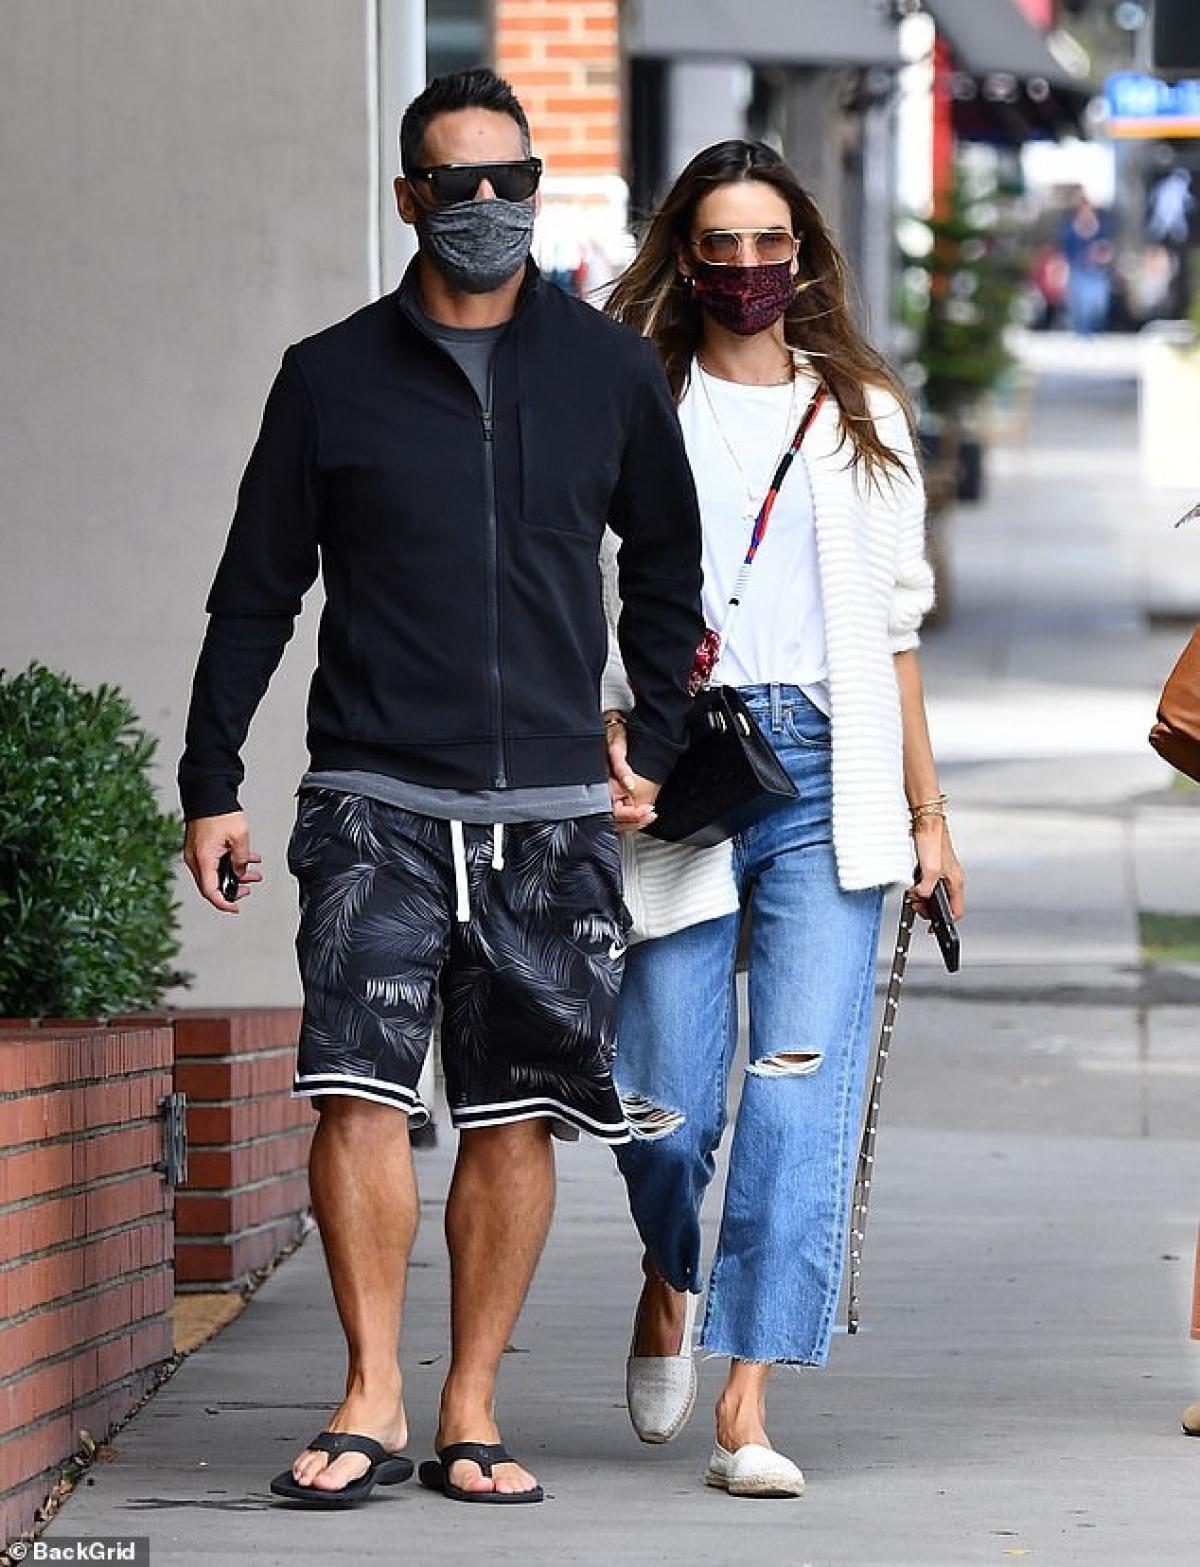 Ngày 21/4, Alessandra Ambrosio và bạn trai Richard Lee đi ăn trưa ở Mỹ.